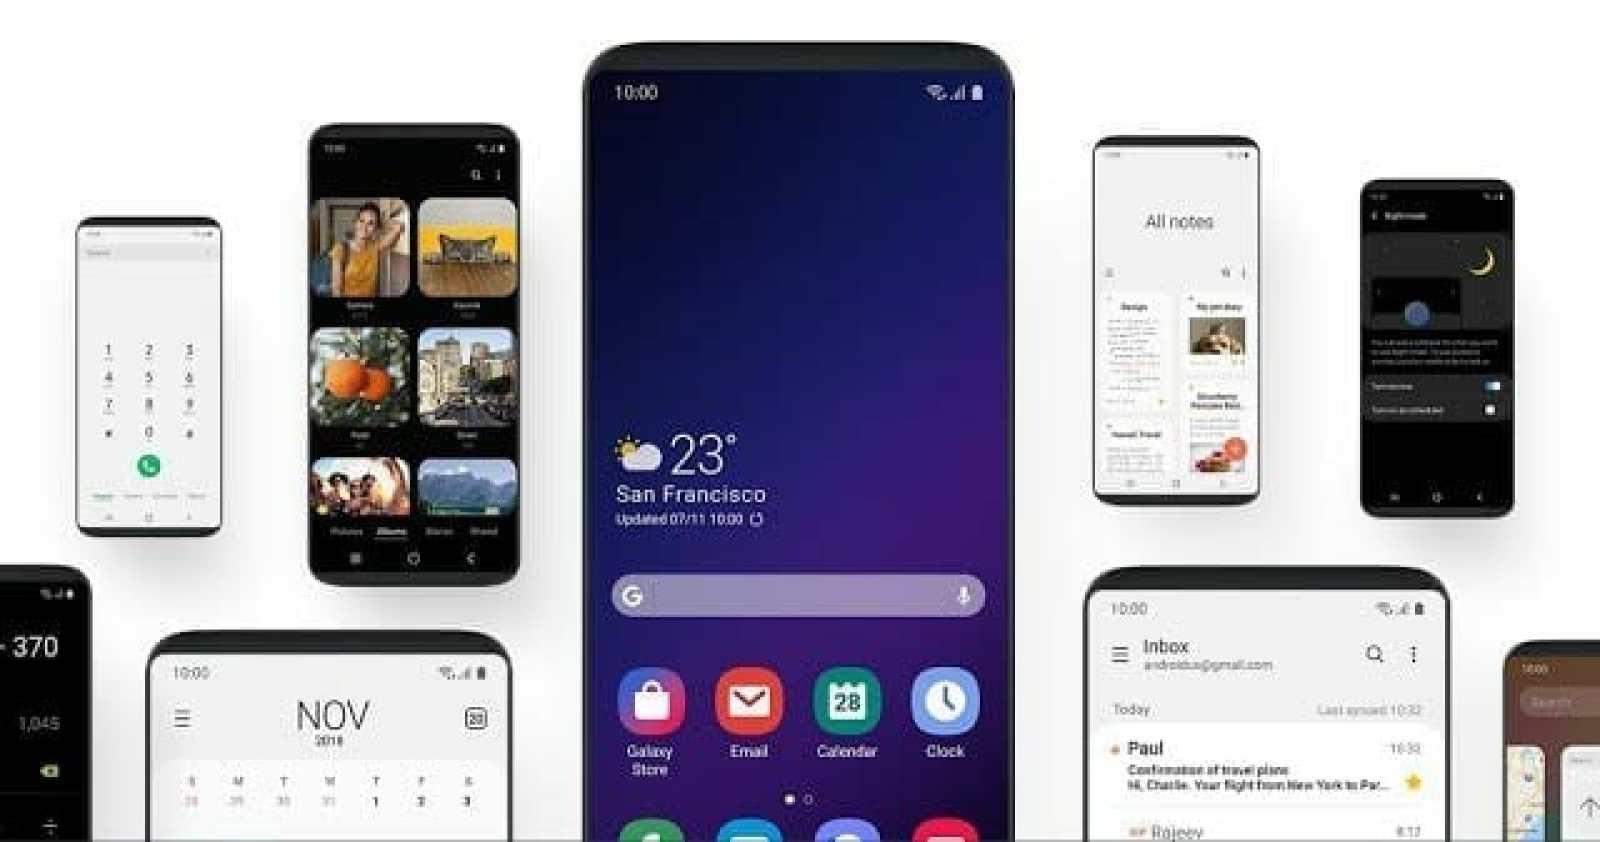 - Screenshot 4 5 - Samsung เปิดตัวส่วนติดต่อผู้ใช้ใหม่ในชื่อ One UI ใช้งานมือถือจอใหญ่ได้สะดวกขึ้น มีโหมดใช้งานตอนกลางคืน